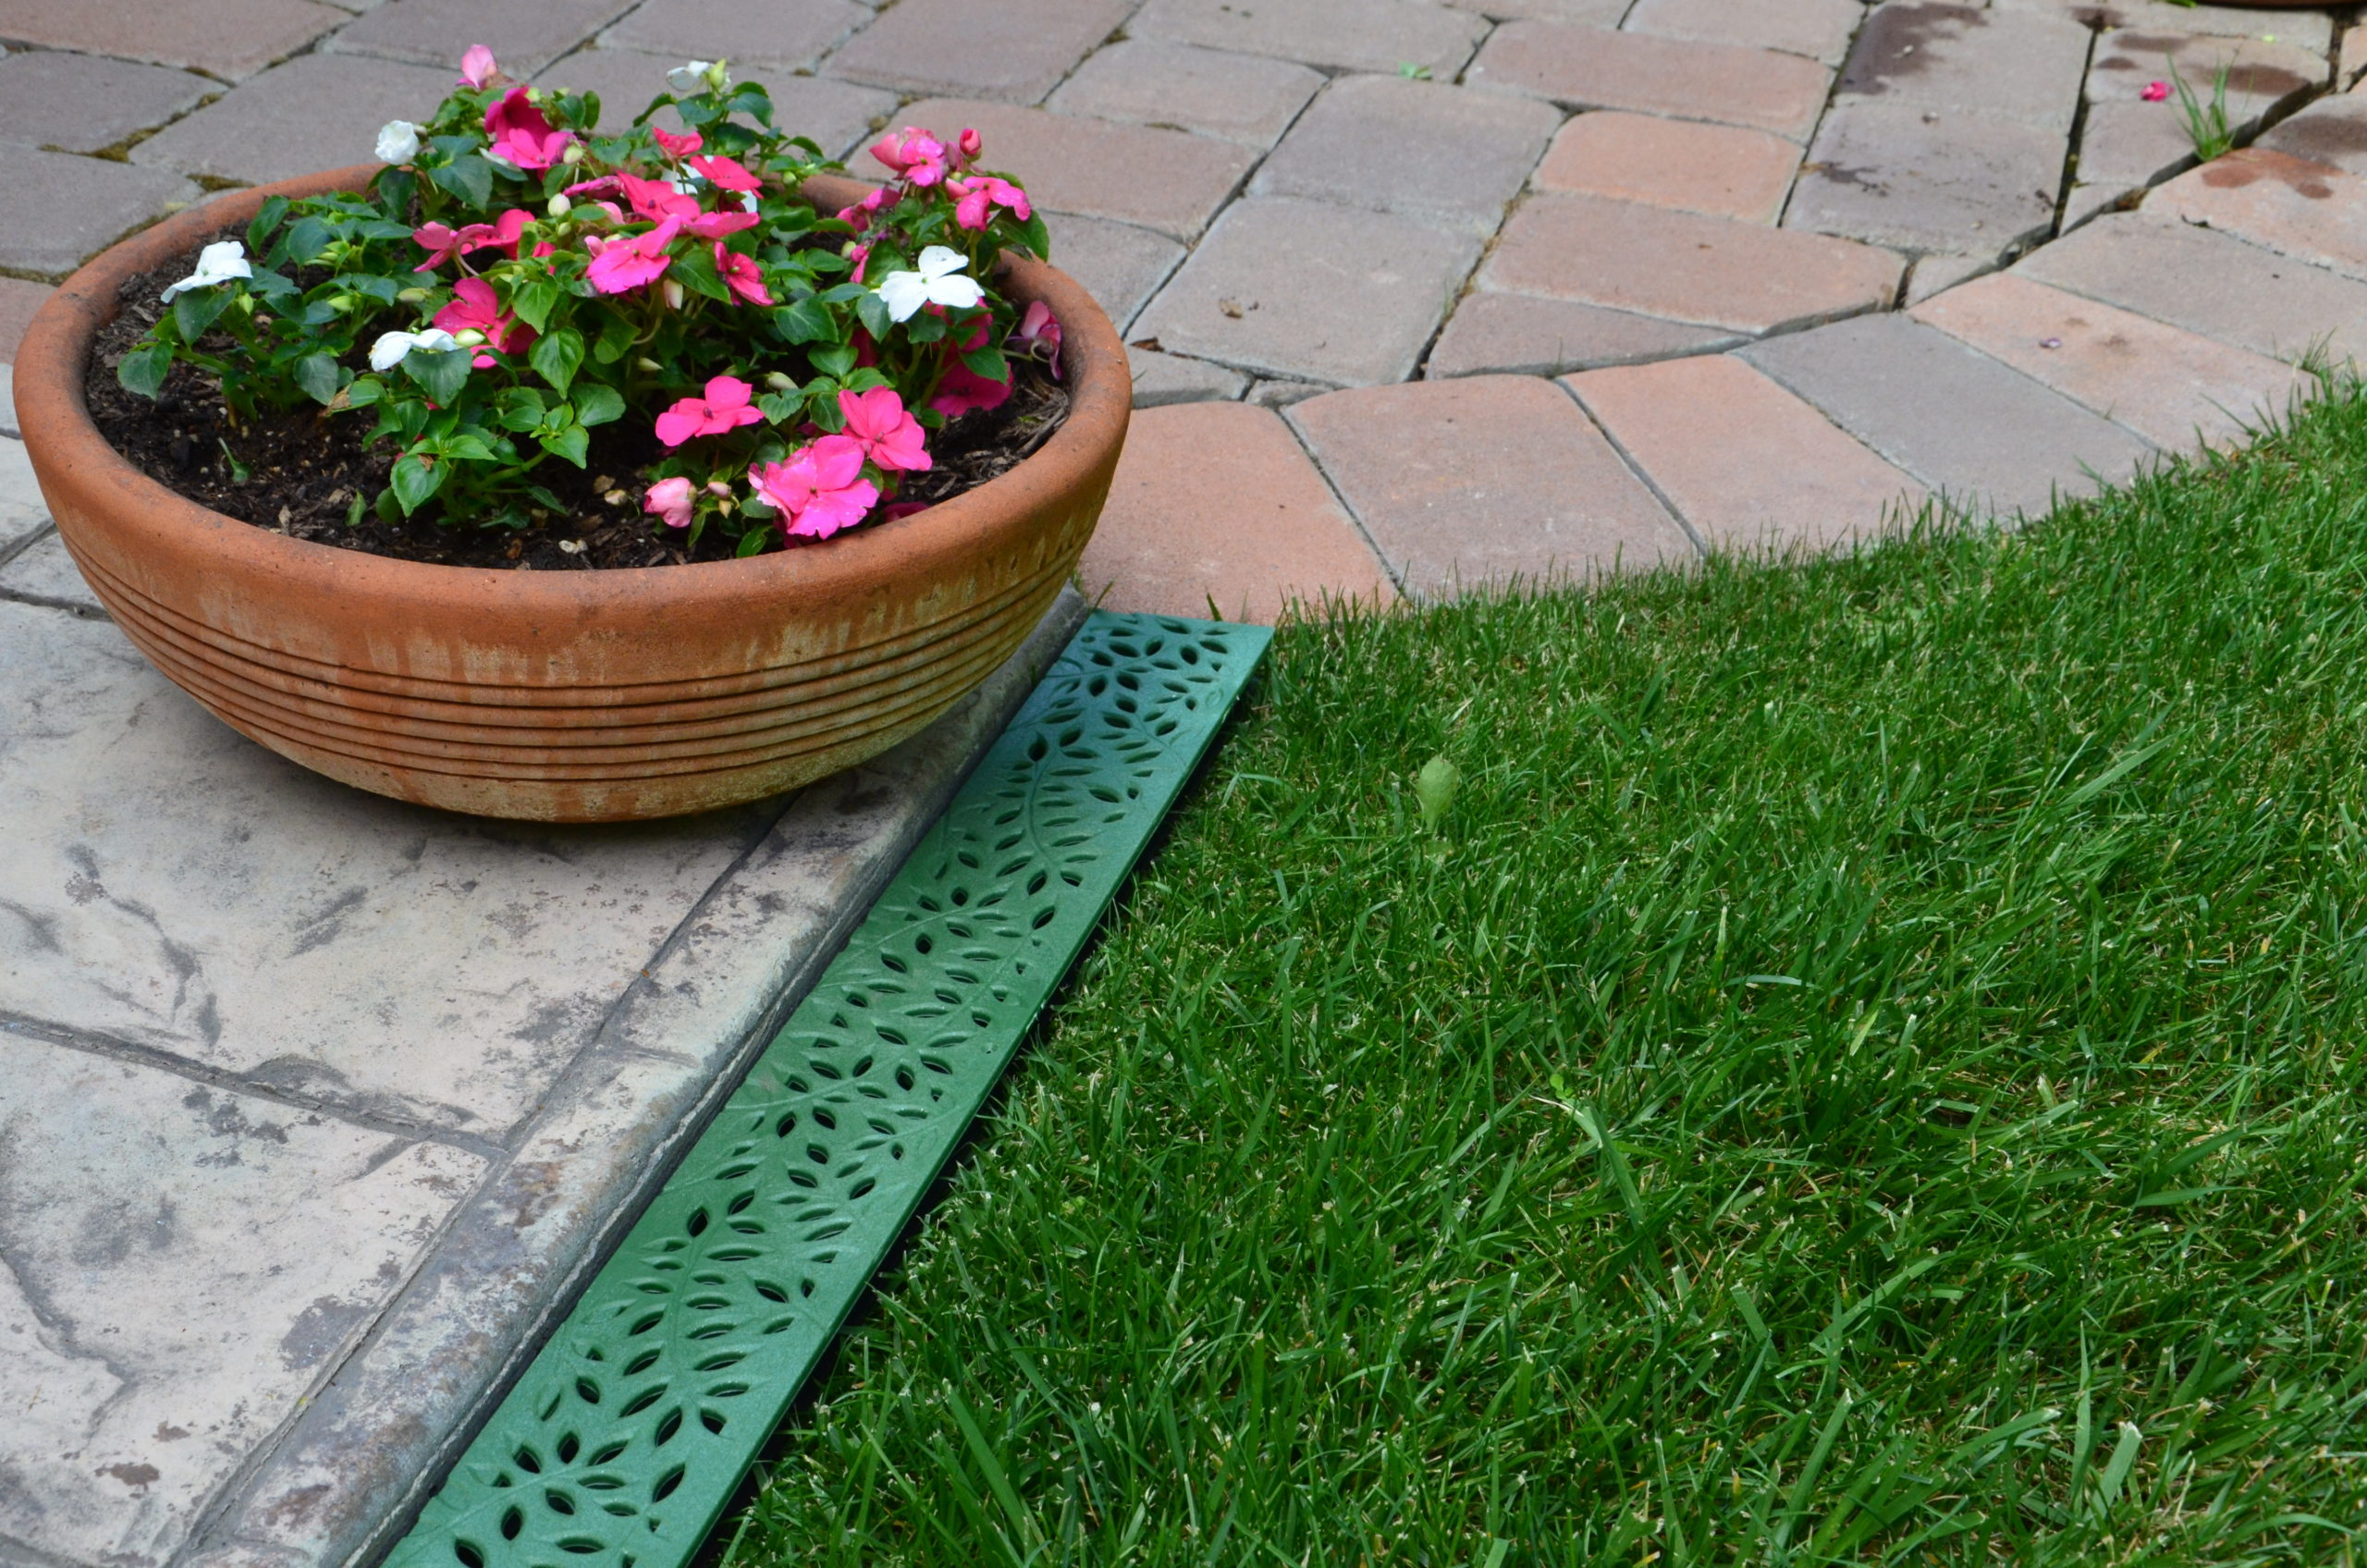 Eine Mini-Entwässerungsrinne kann schnell kleinere Mengen Wasser abführen